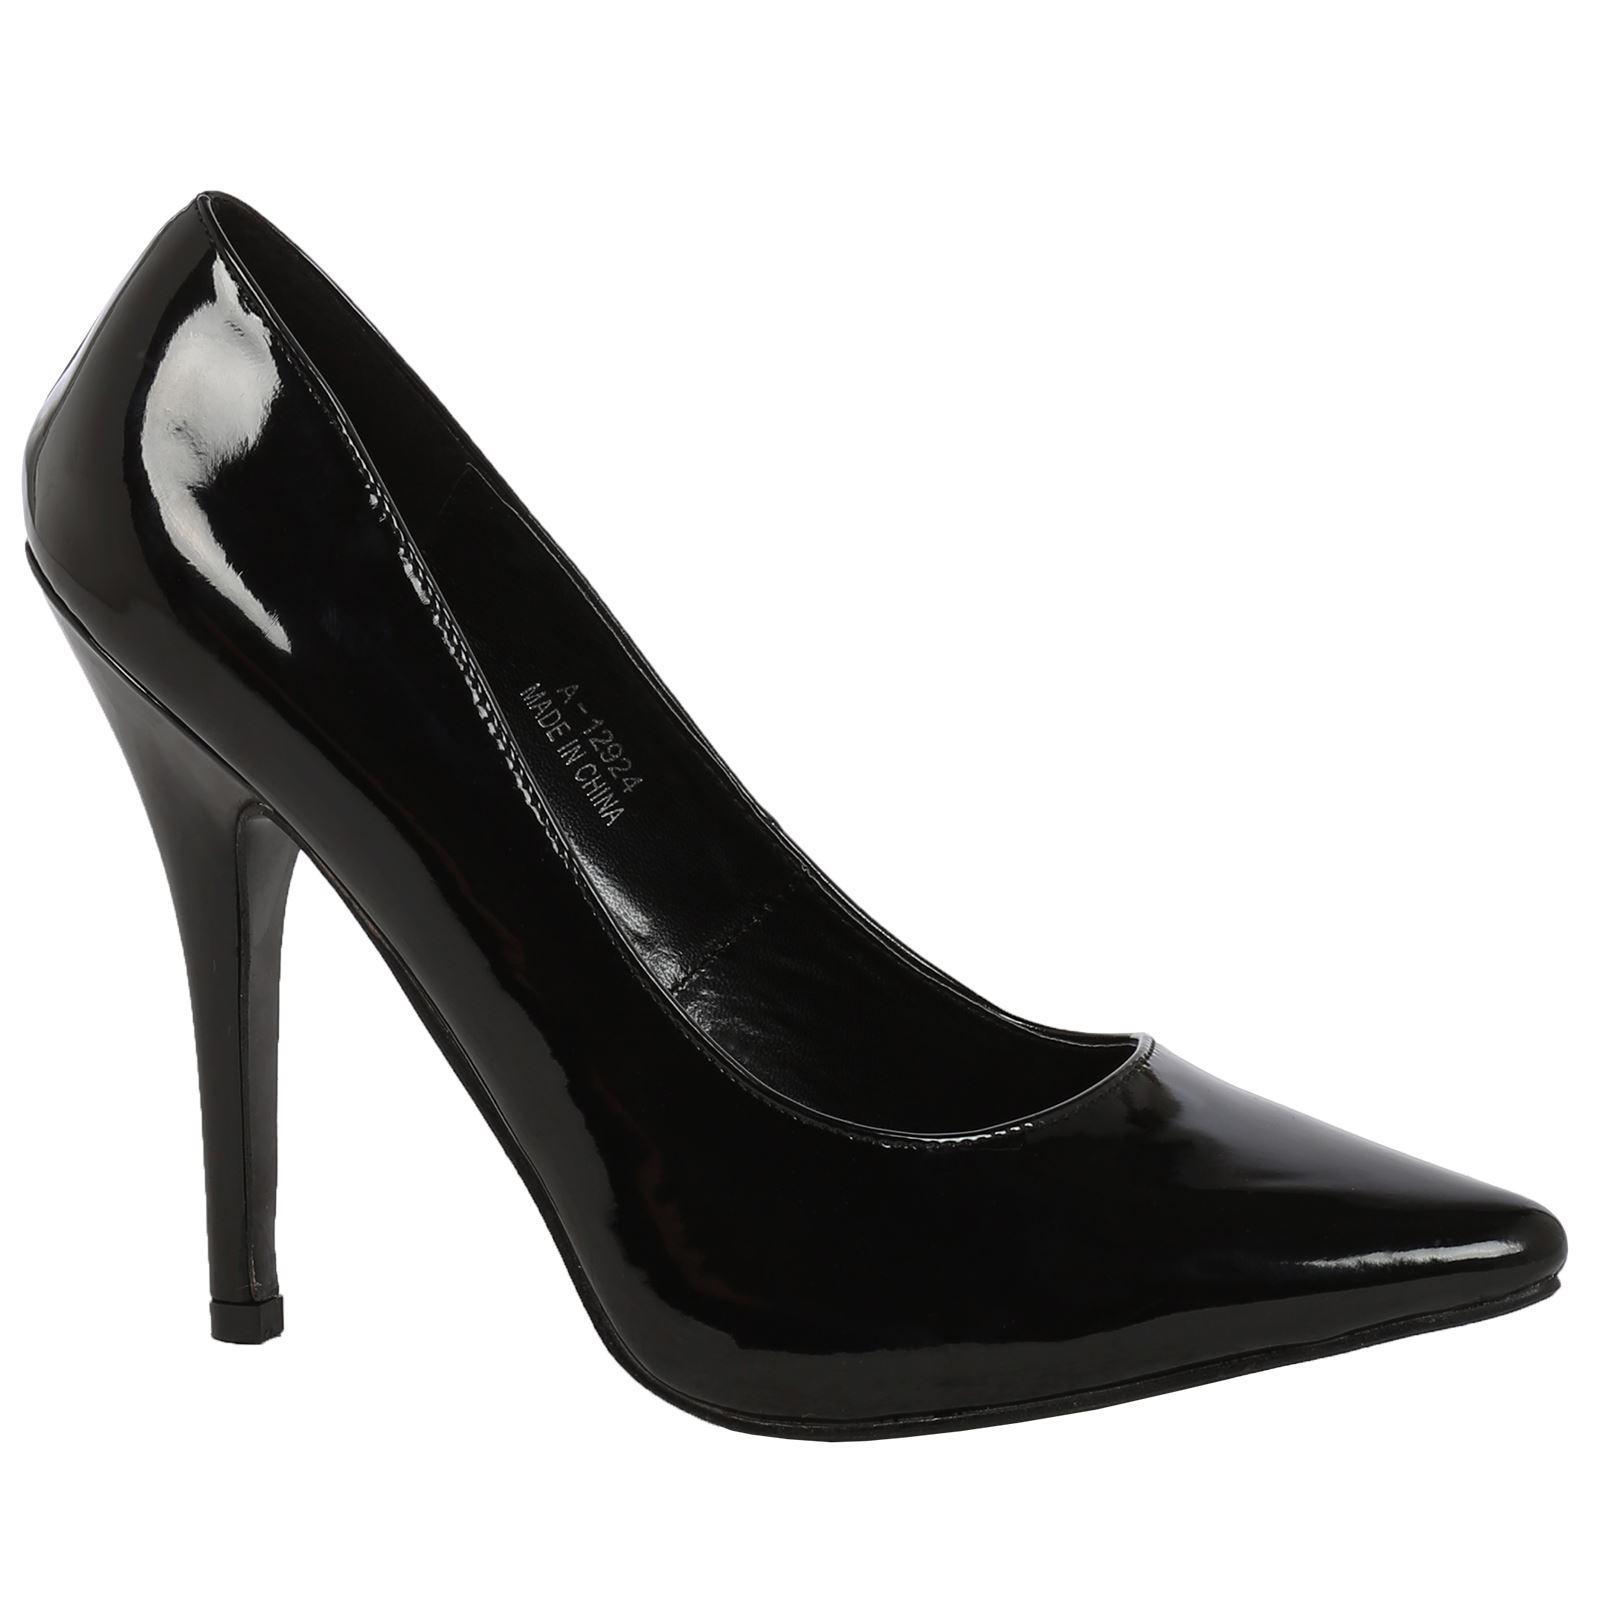 52d2465eaf2 Details about Alex Mens Womens High Heels Stilettos Pointed Toe Court Shoes  Pumps Large Sizes